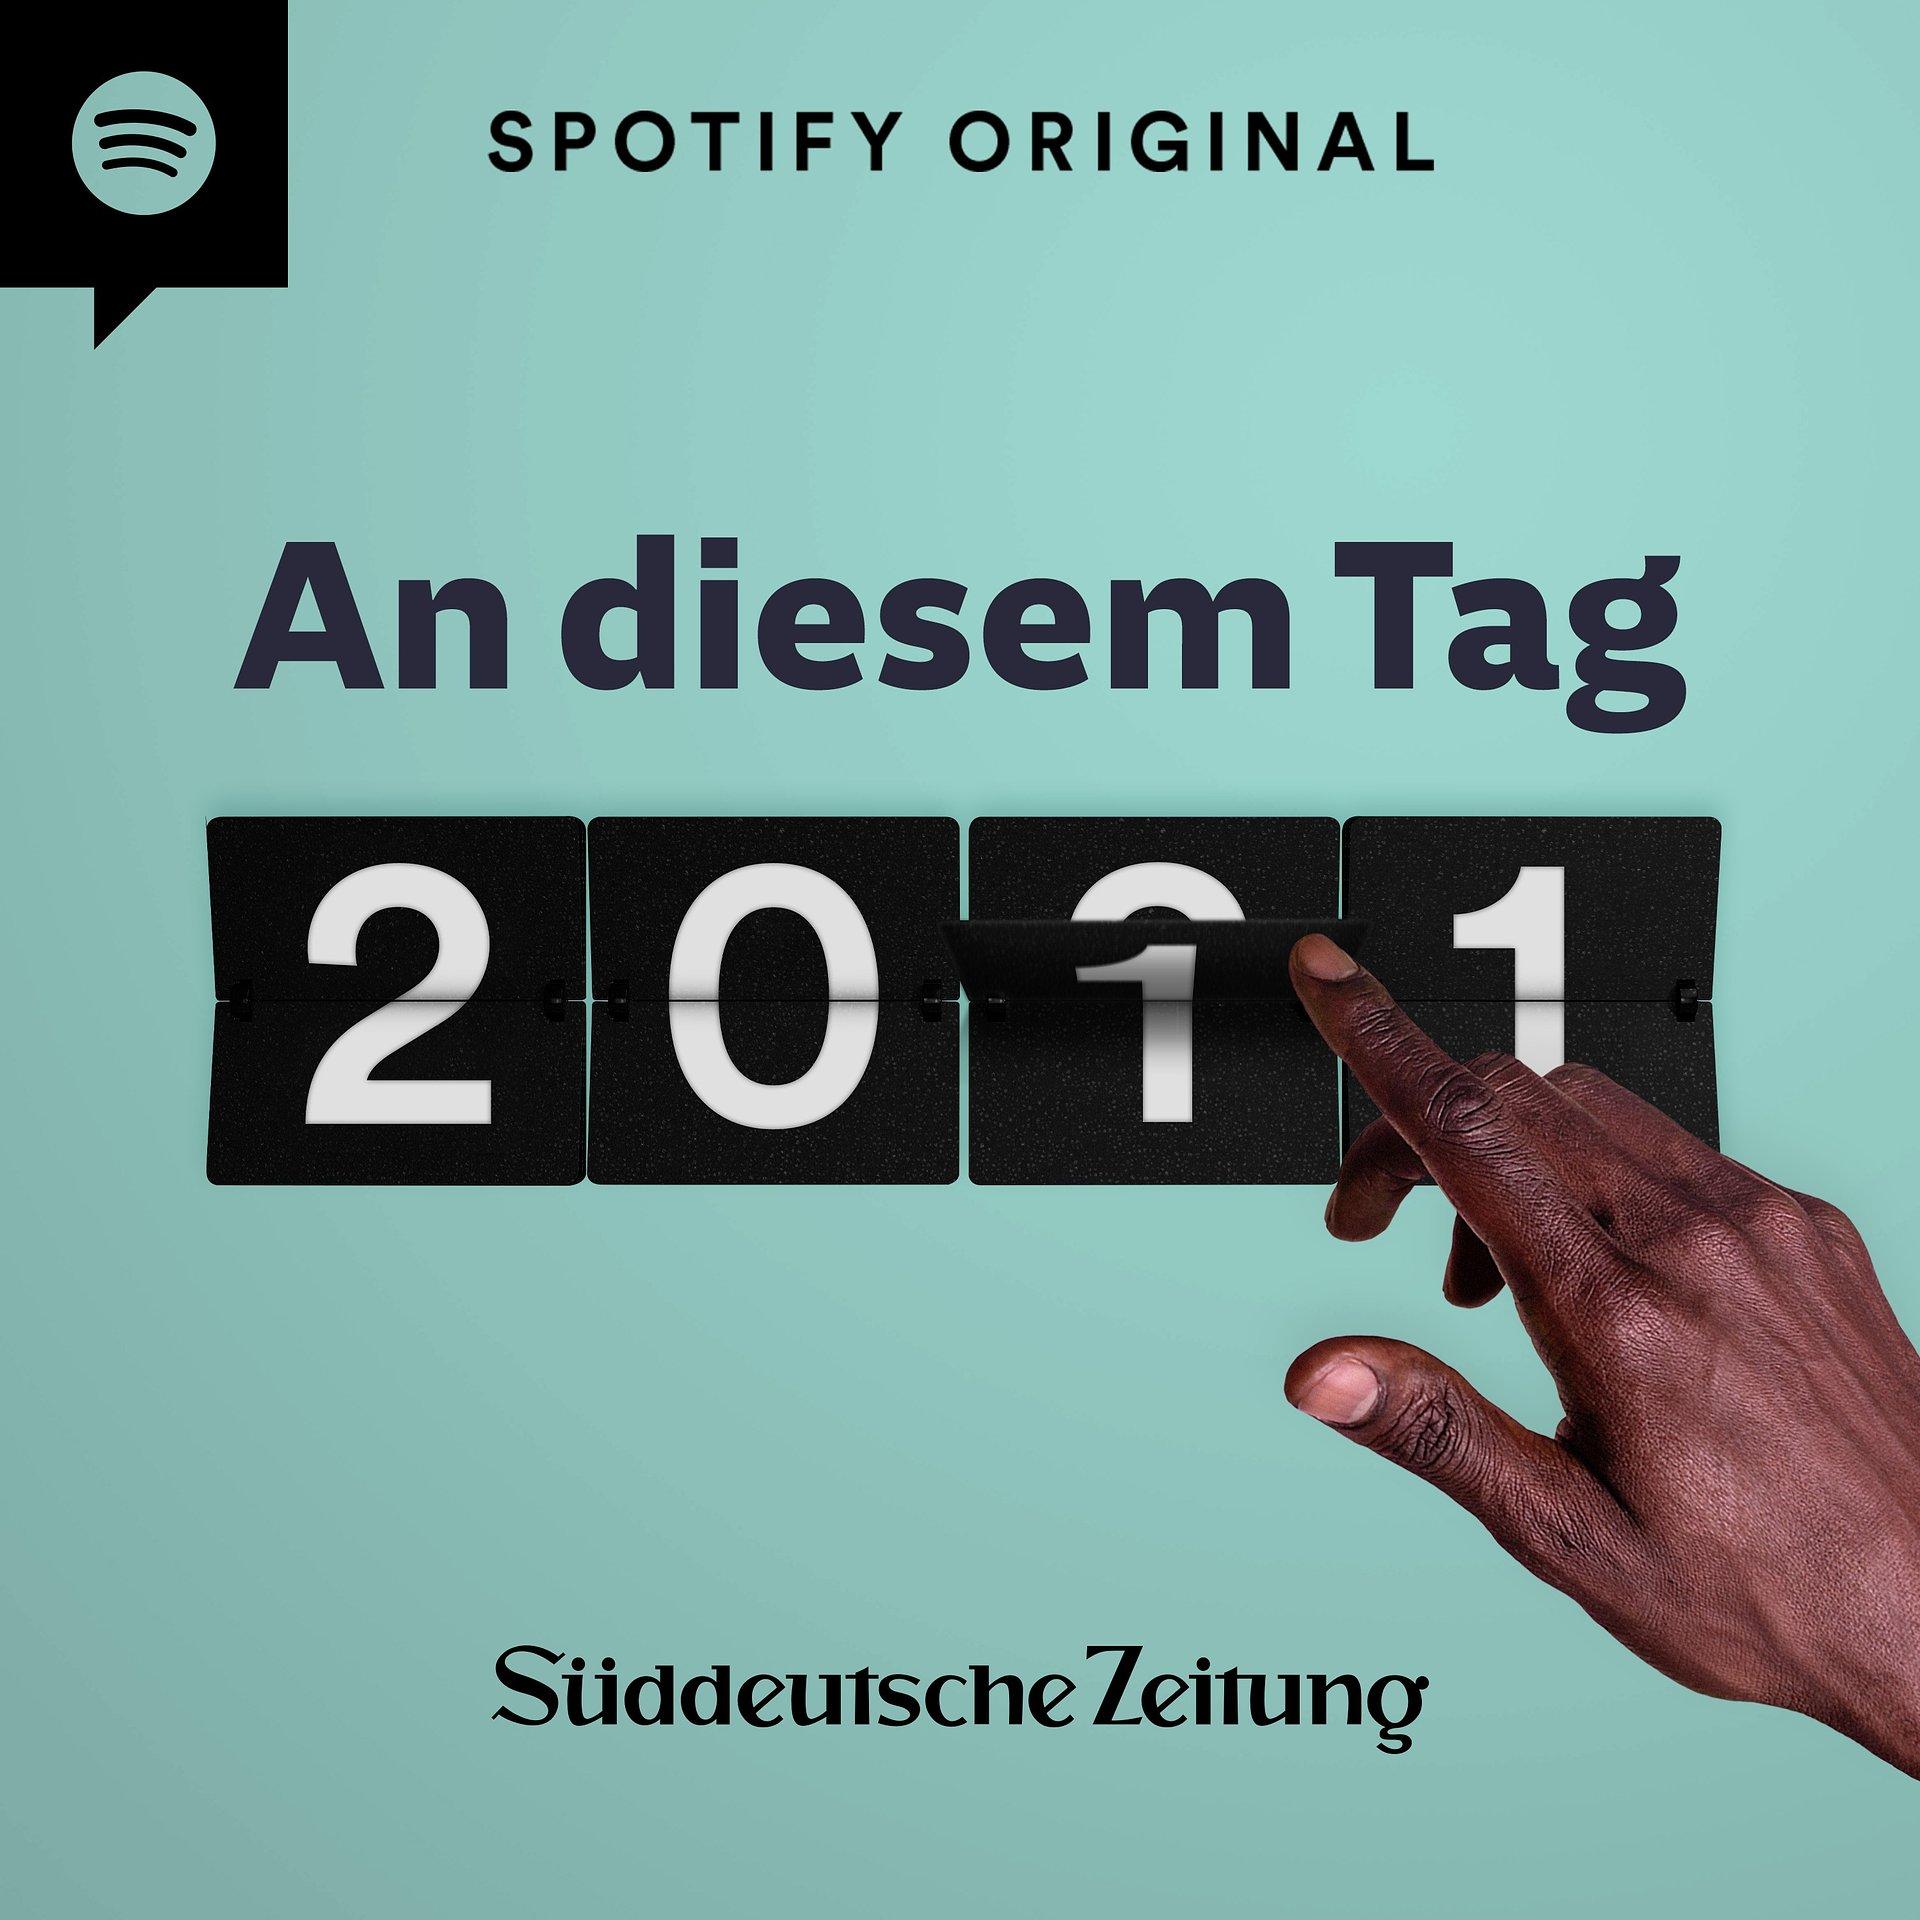 Spotify startet 12 neue deutschsprachige Original Podcasts